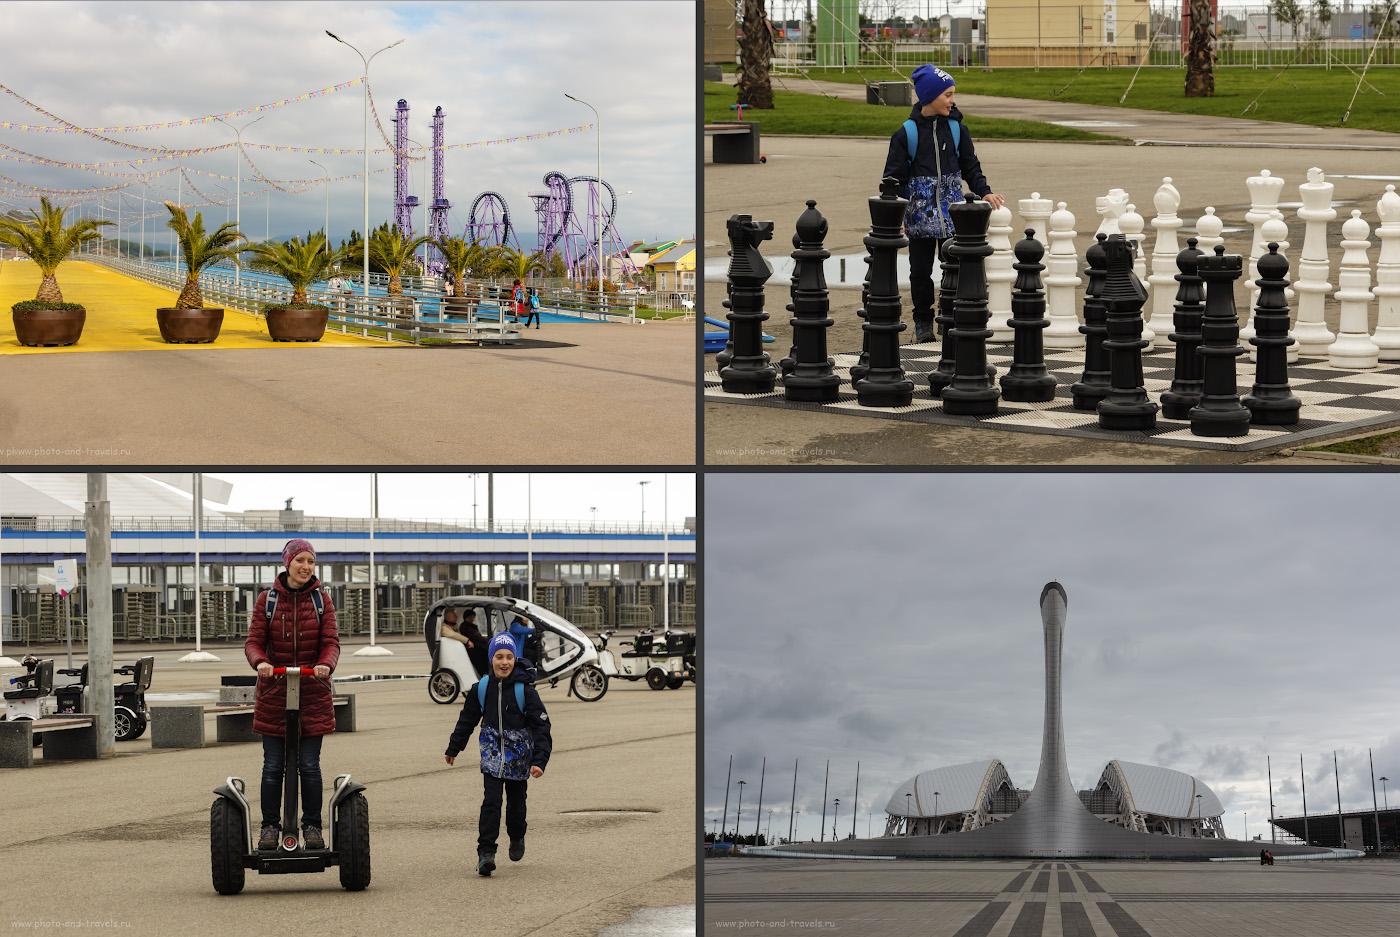 37. Отдых в Сочи. Достопримечательности с фотографиями и описанием. Прогулка в Олимпийском парке в марте.